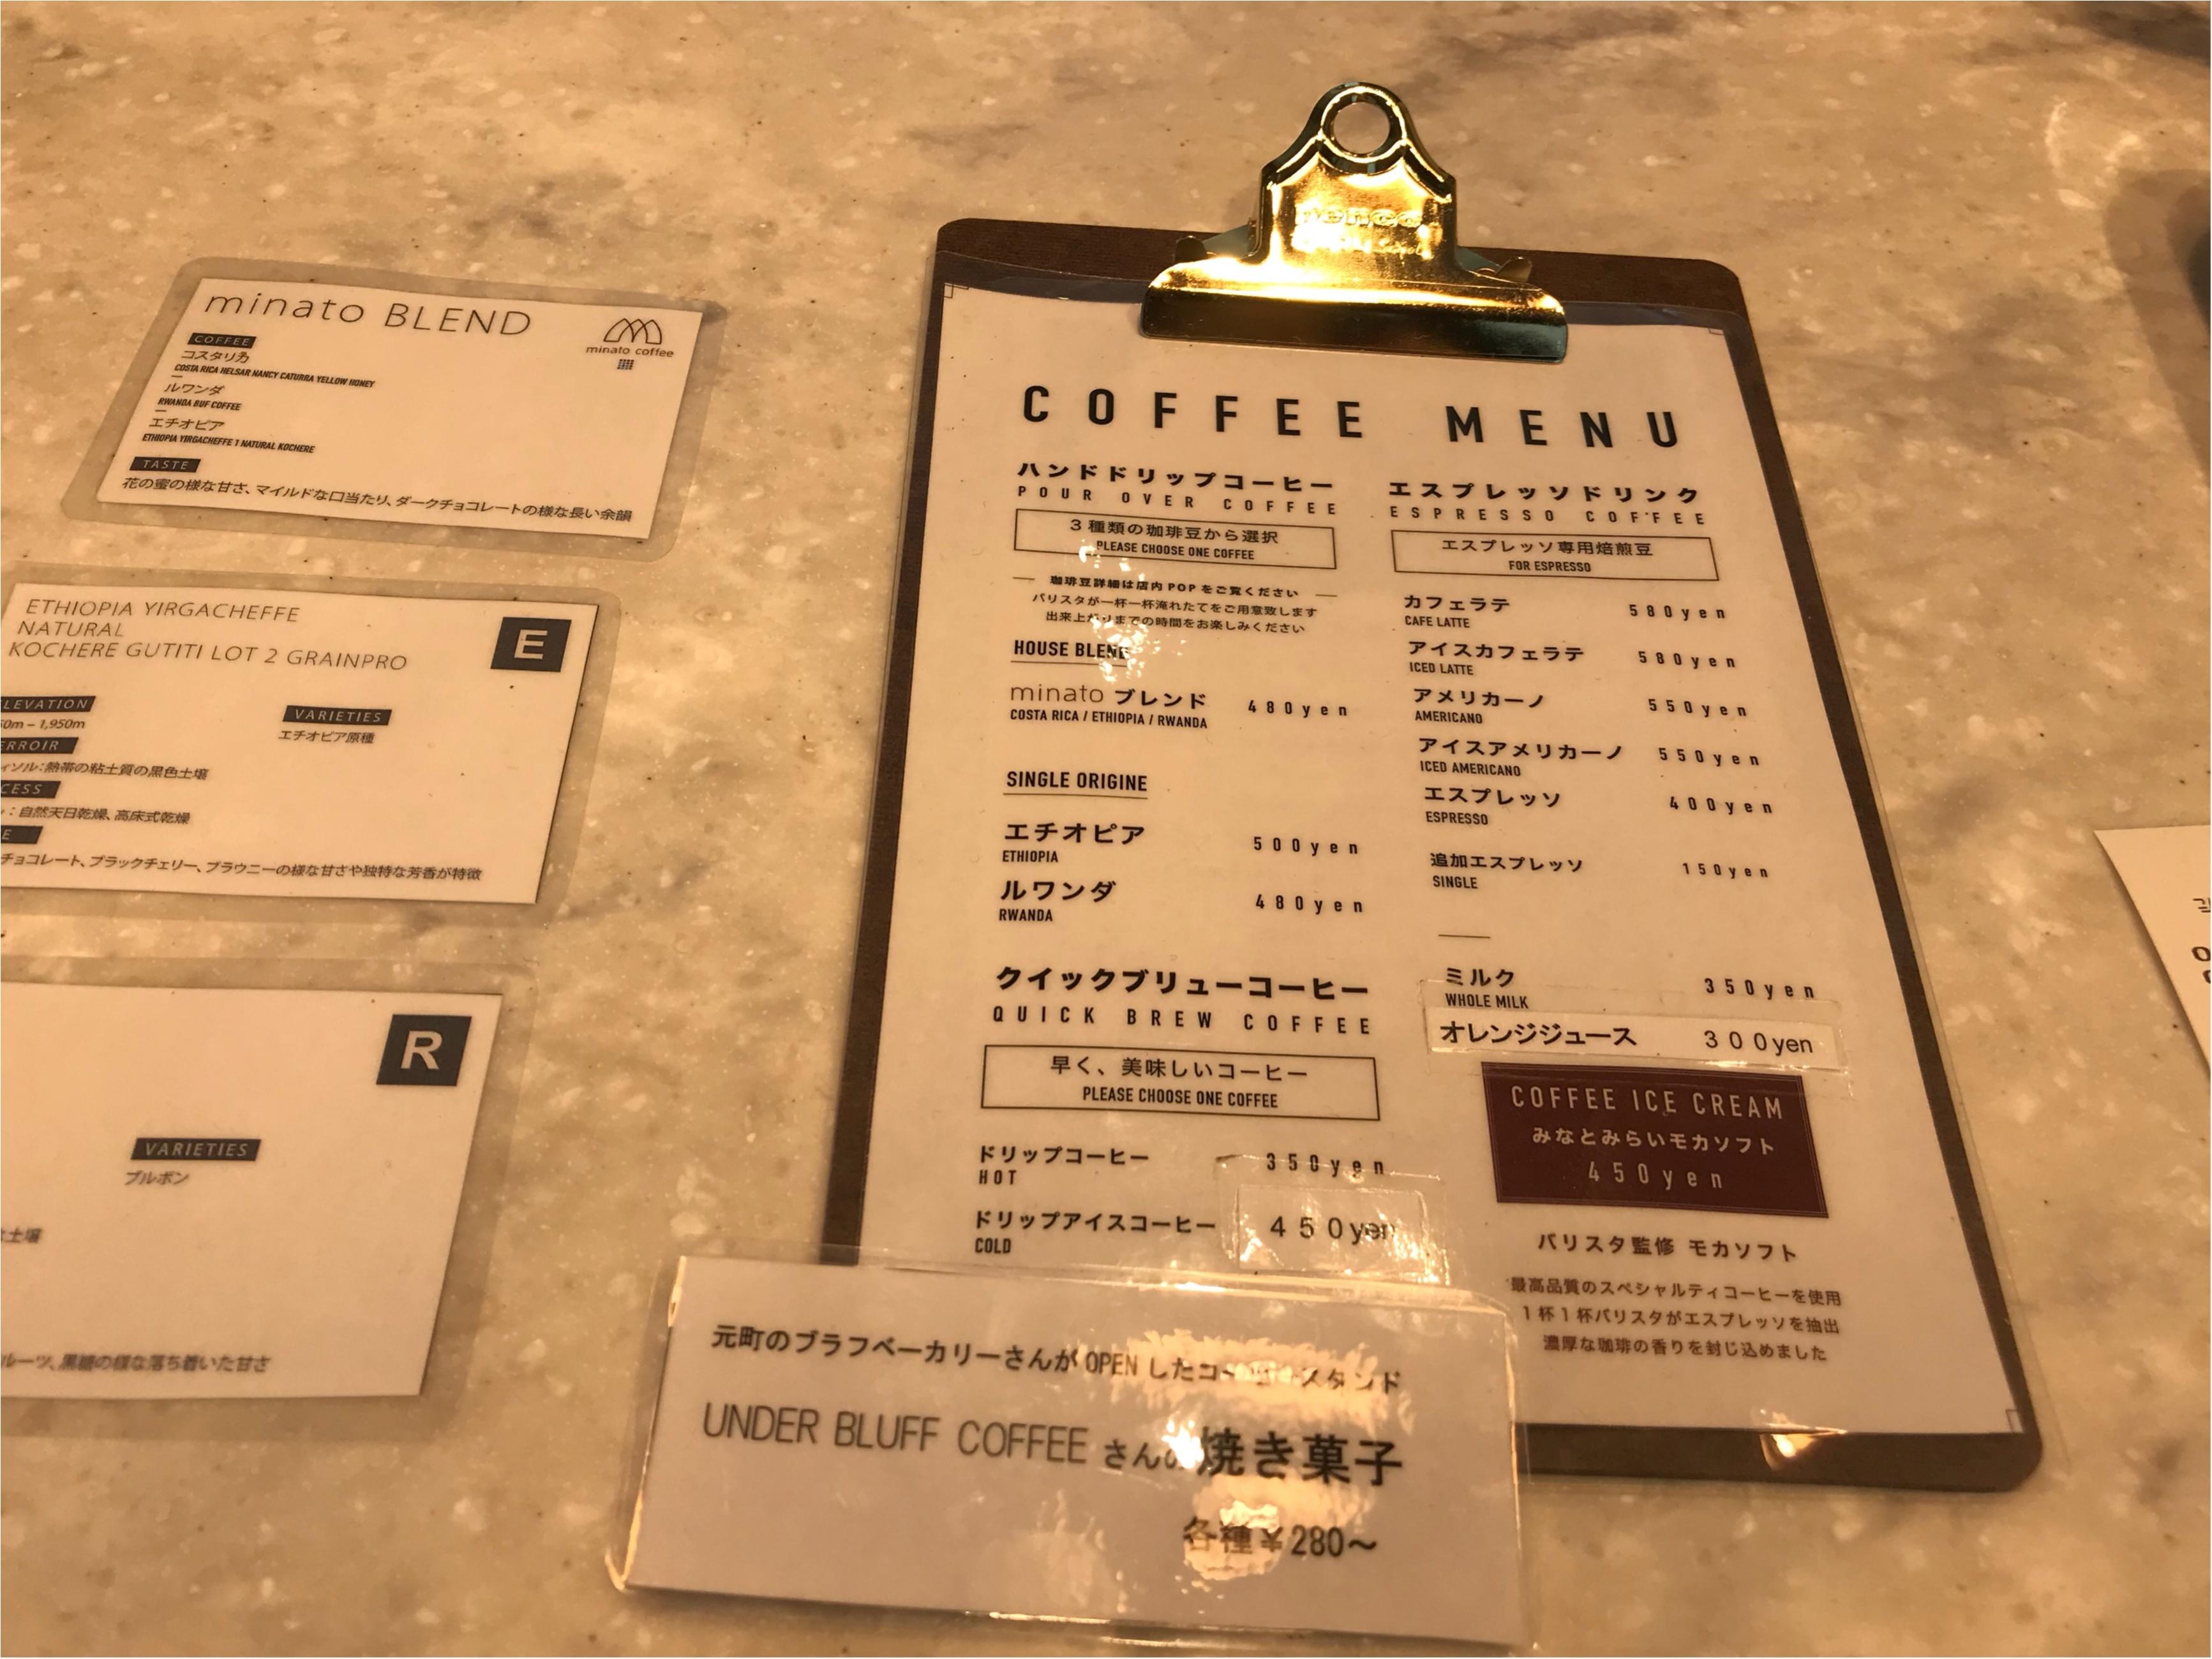 【横浜みなとみらい散策】一度はゼッタイ飲んで欲しい!おいしいコーヒーショップ教えちゃいます!_4